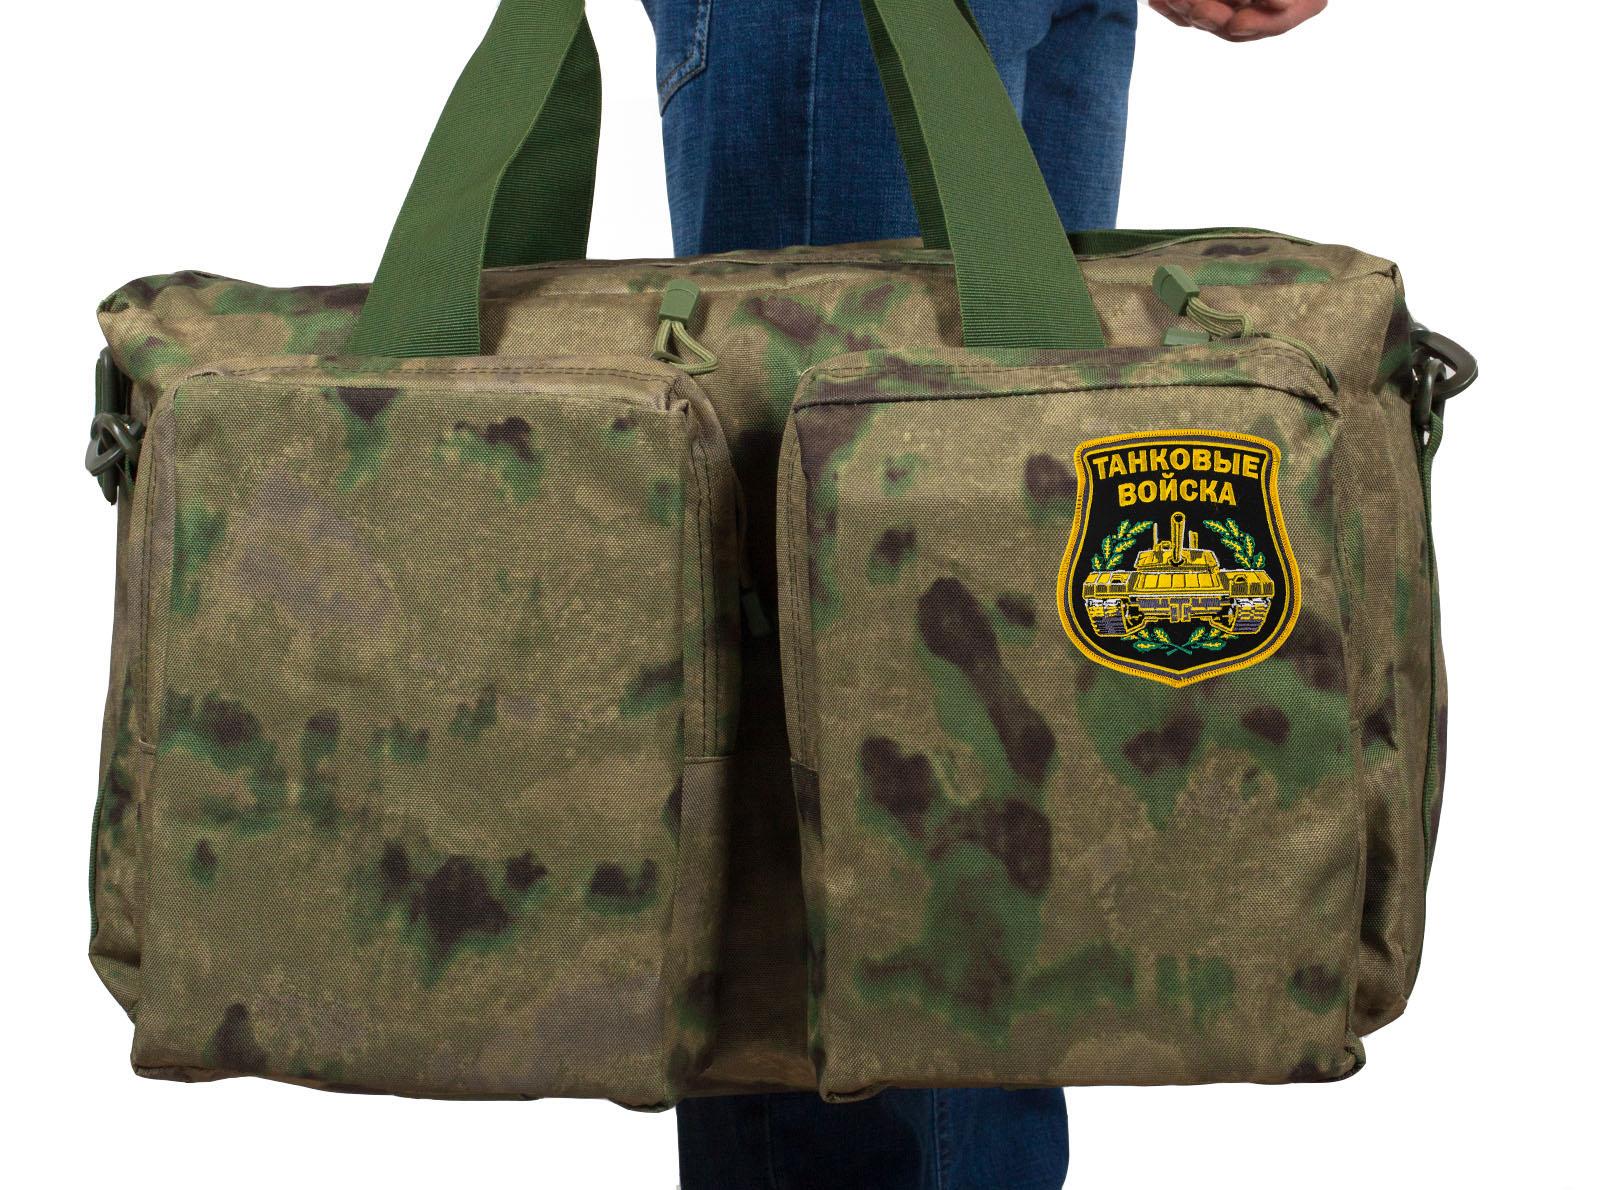 Военная тактическая сумка с нашивкой Танковые Войска - купить в розницу